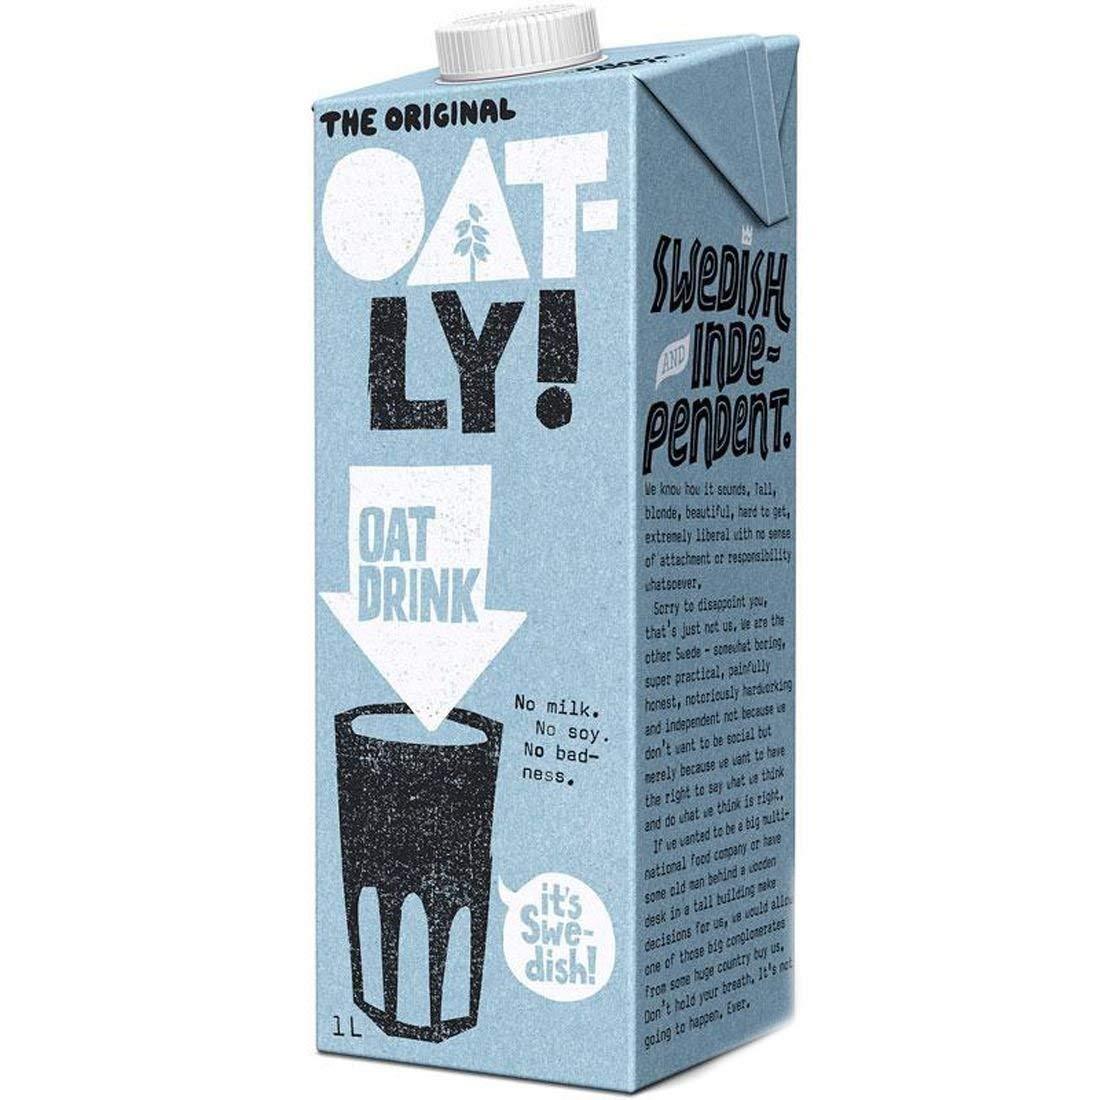 Oatly Original Oat Drink 1 Litre (Pack of 2)